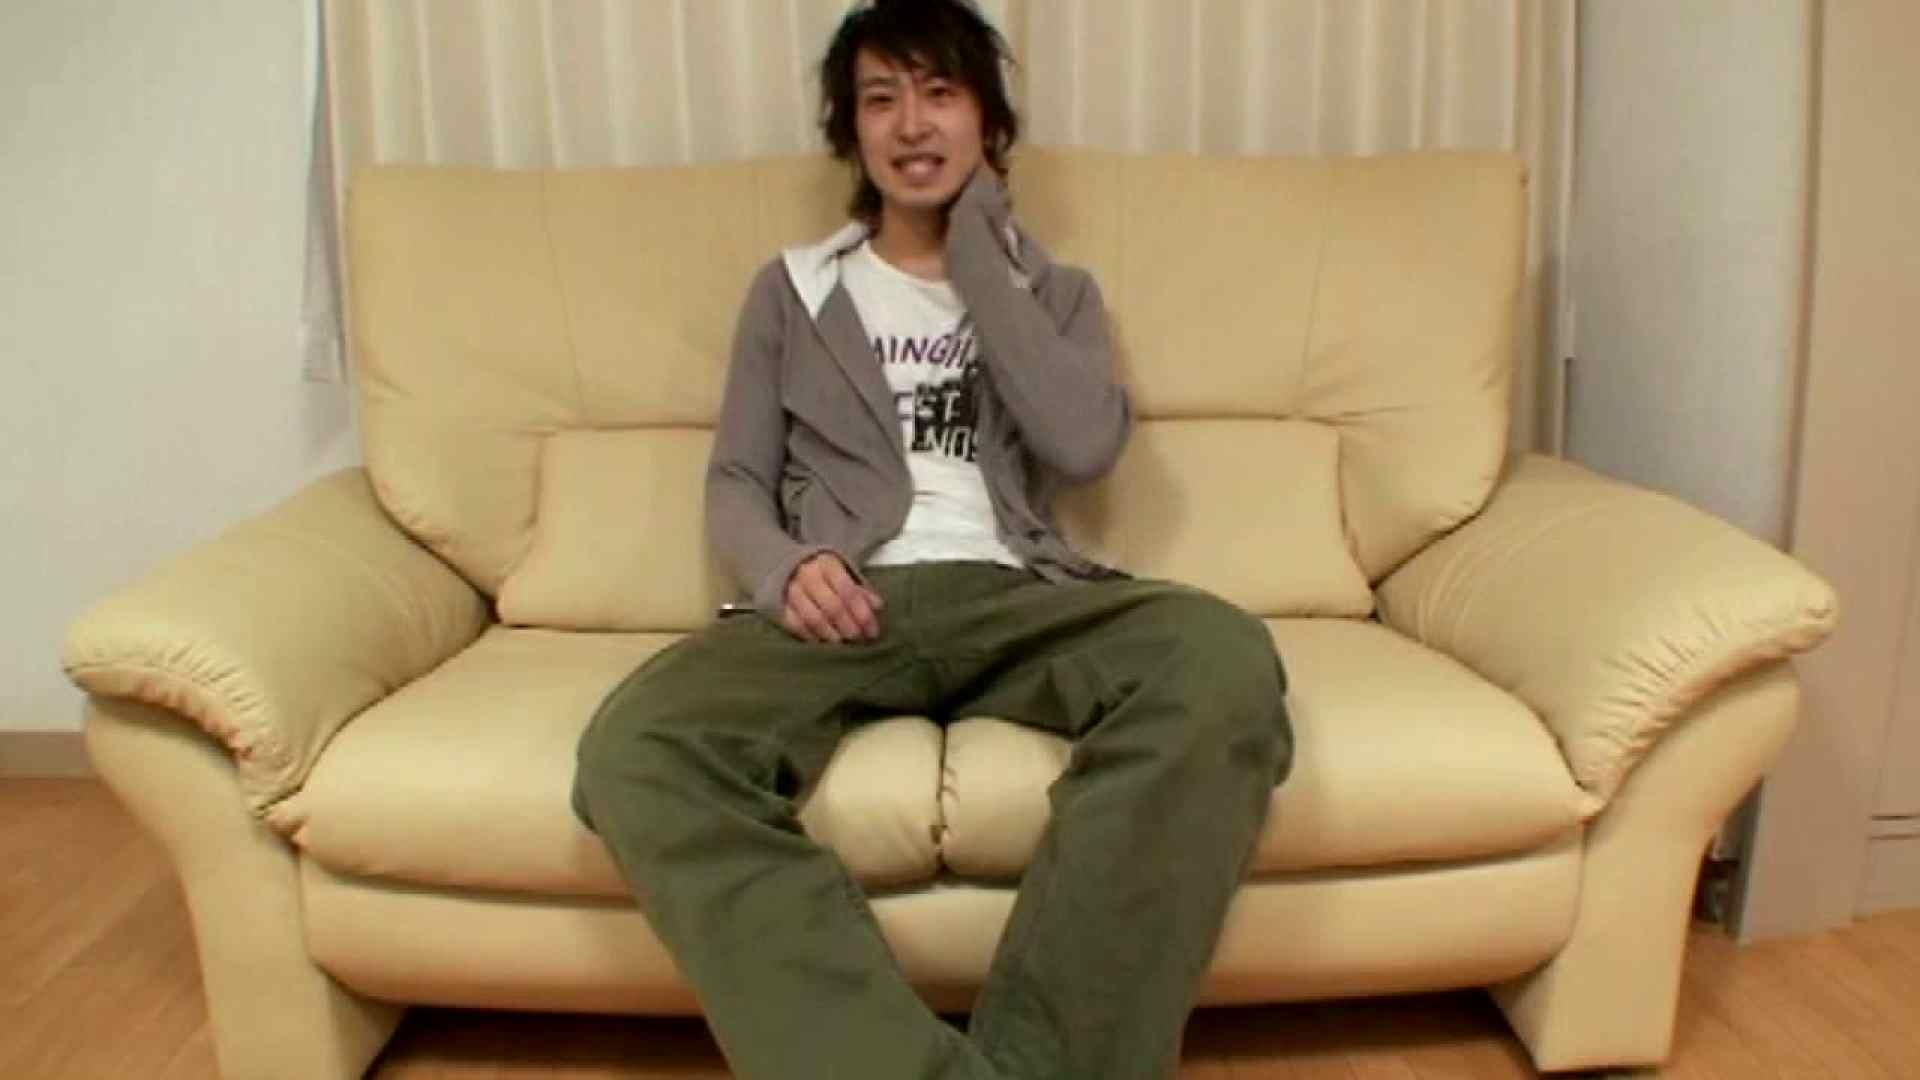 ノンケ!自慰スタジオ No.21 流出作品 ゲイフリーエロ画像 107pic 45